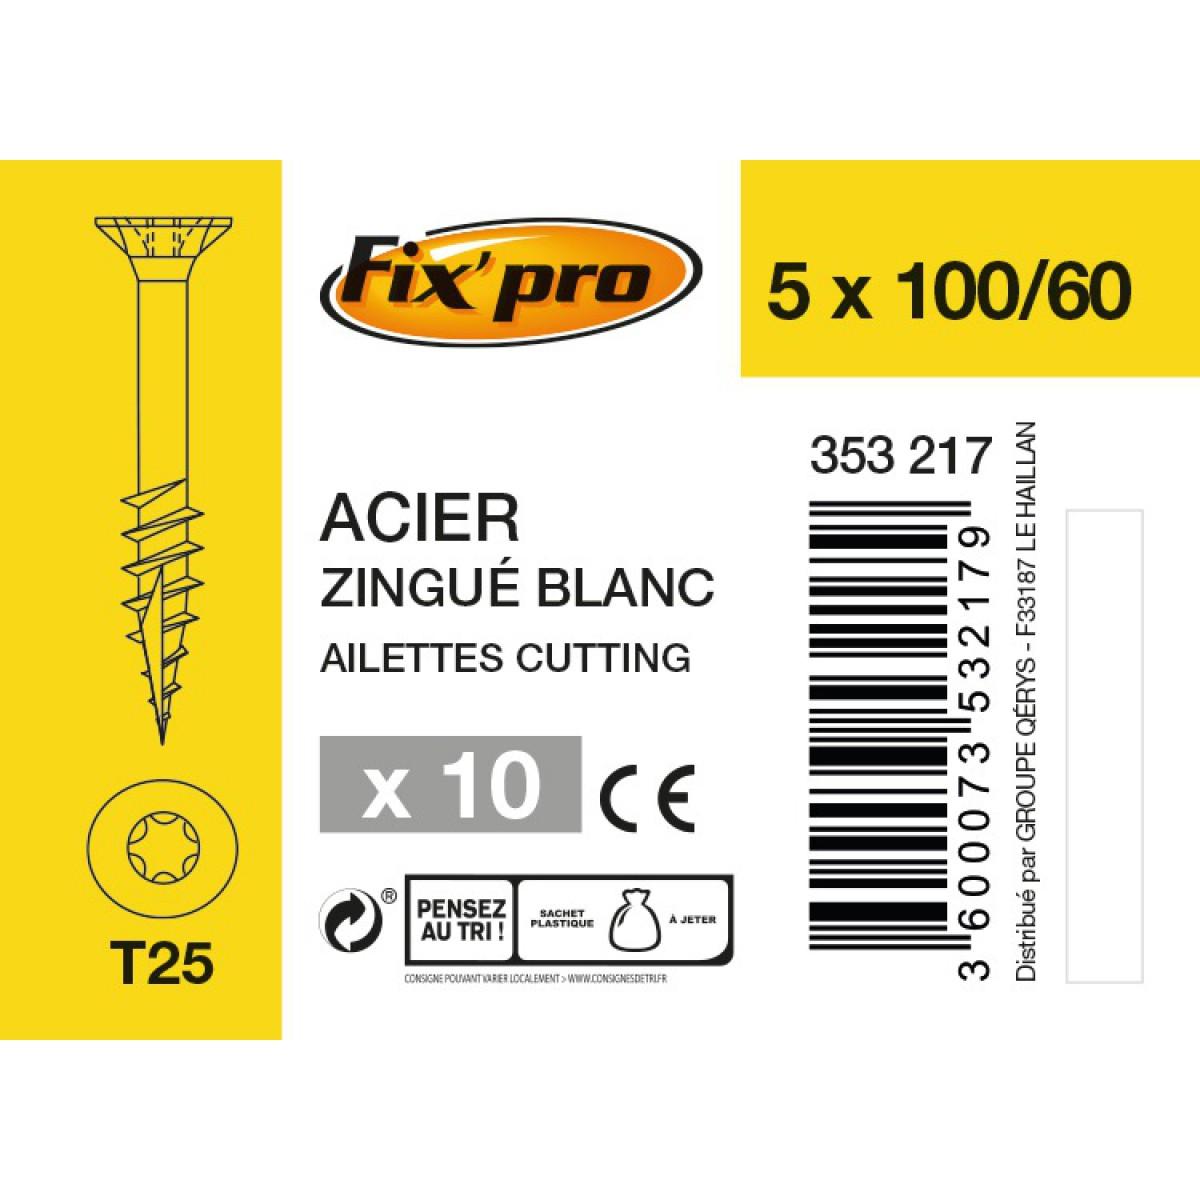 Vis à bois tête fraisée TX - 5x100/60 - 10pces - Fixpro